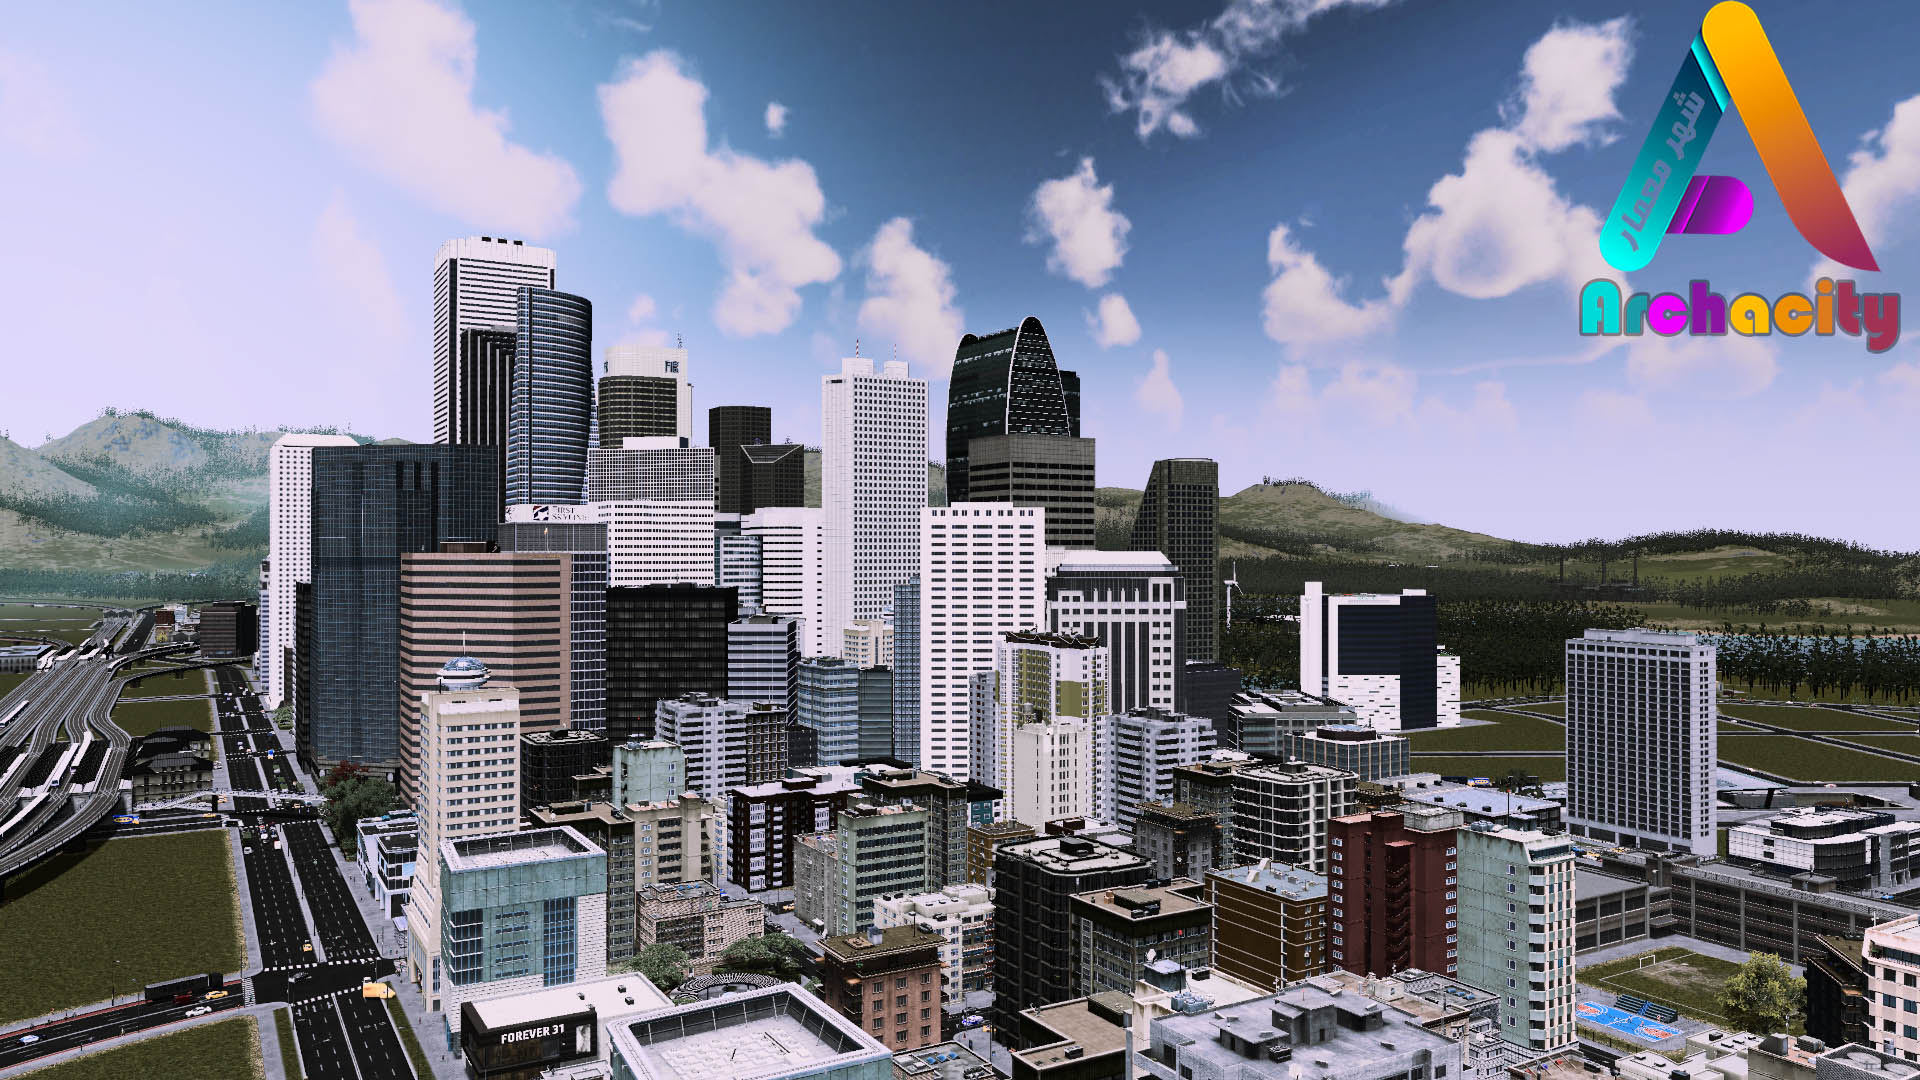 طرح های توسعه شهری و اهداف نظام برنامه ریزی شهری